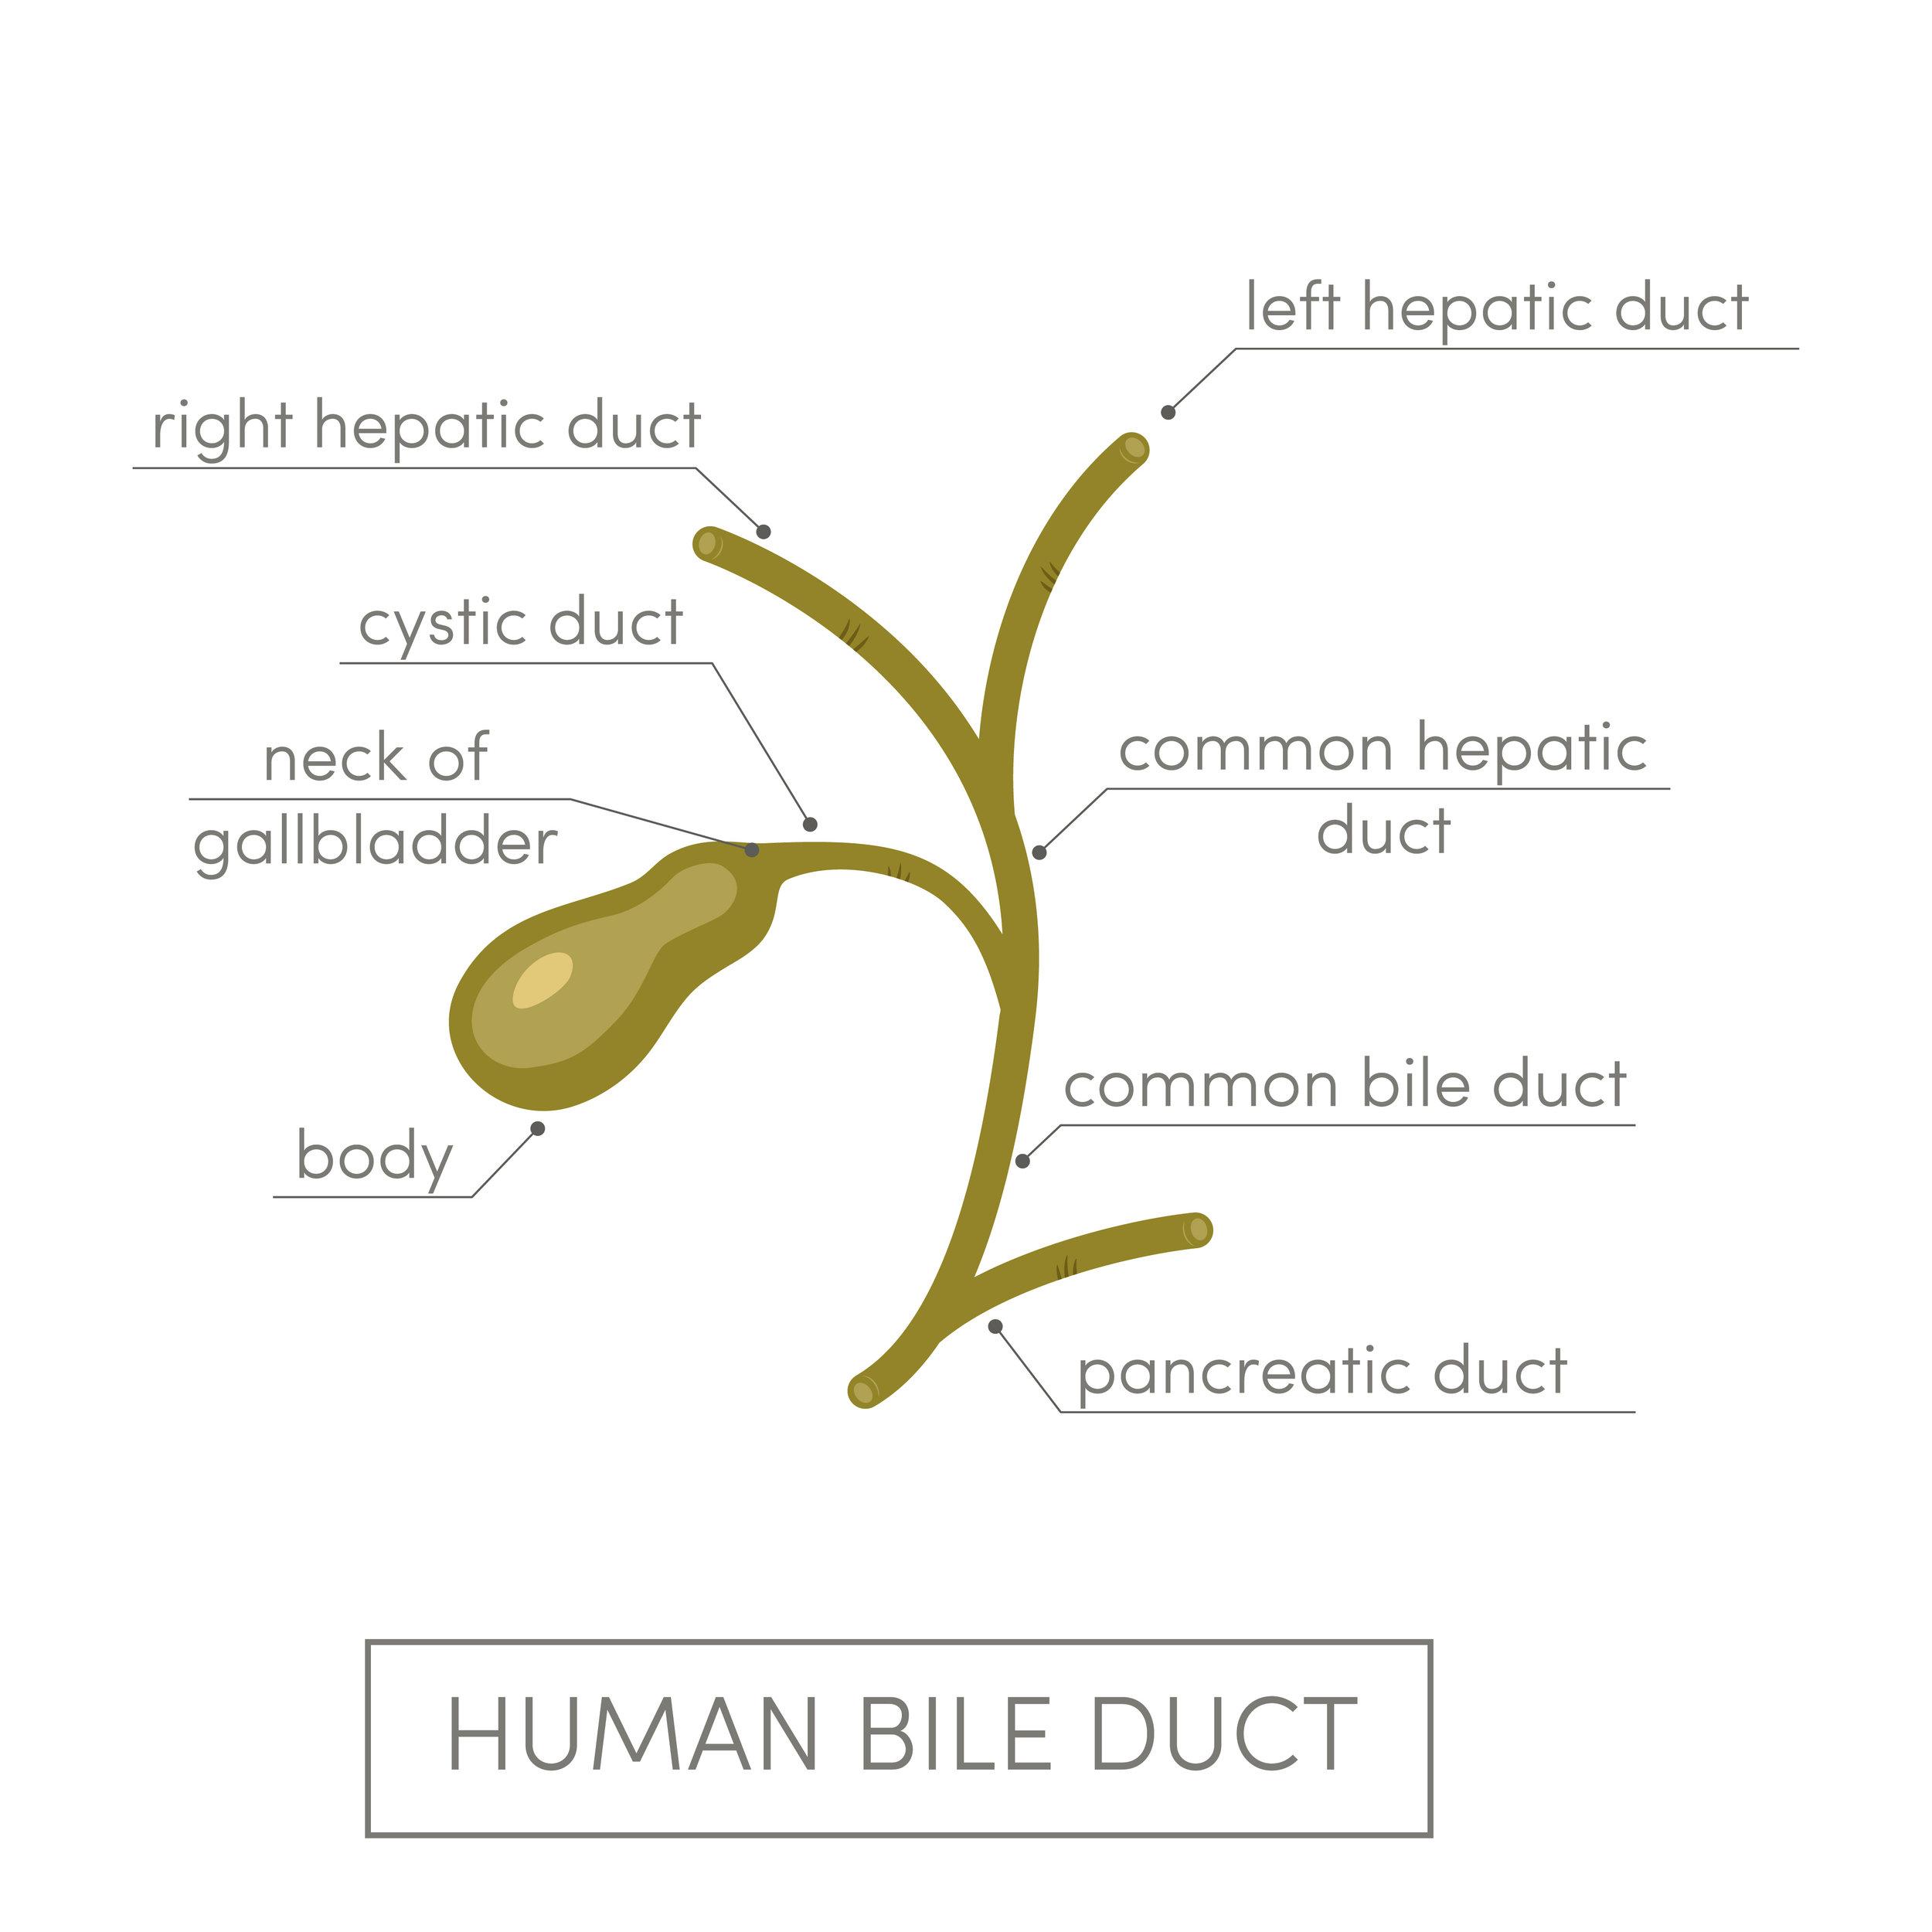 human-bile-duct